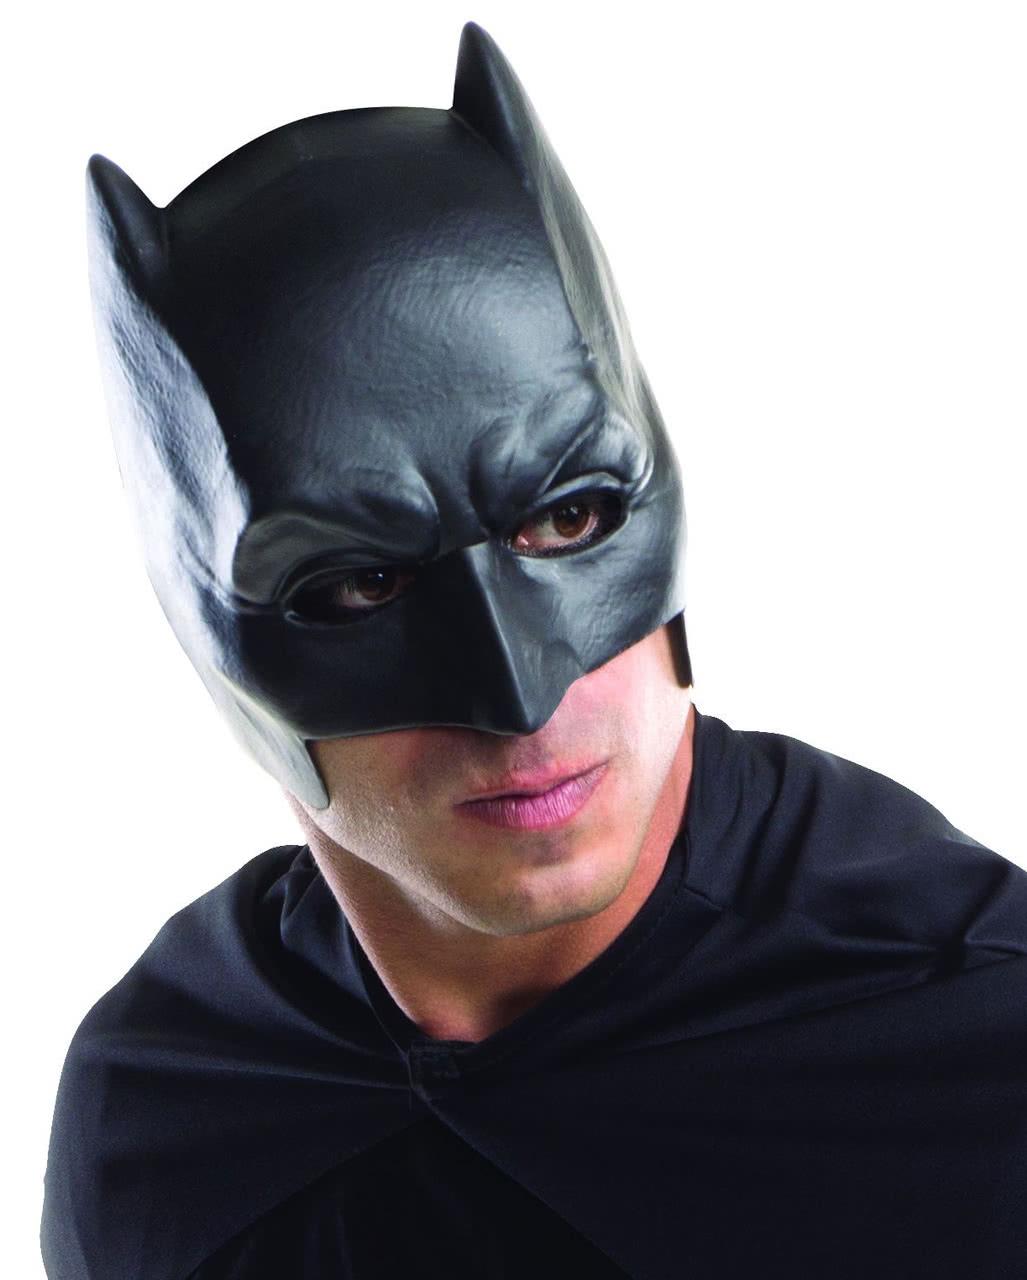 batman umhang mit maske superhelden kost m set horror. Black Bedroom Furniture Sets. Home Design Ideas